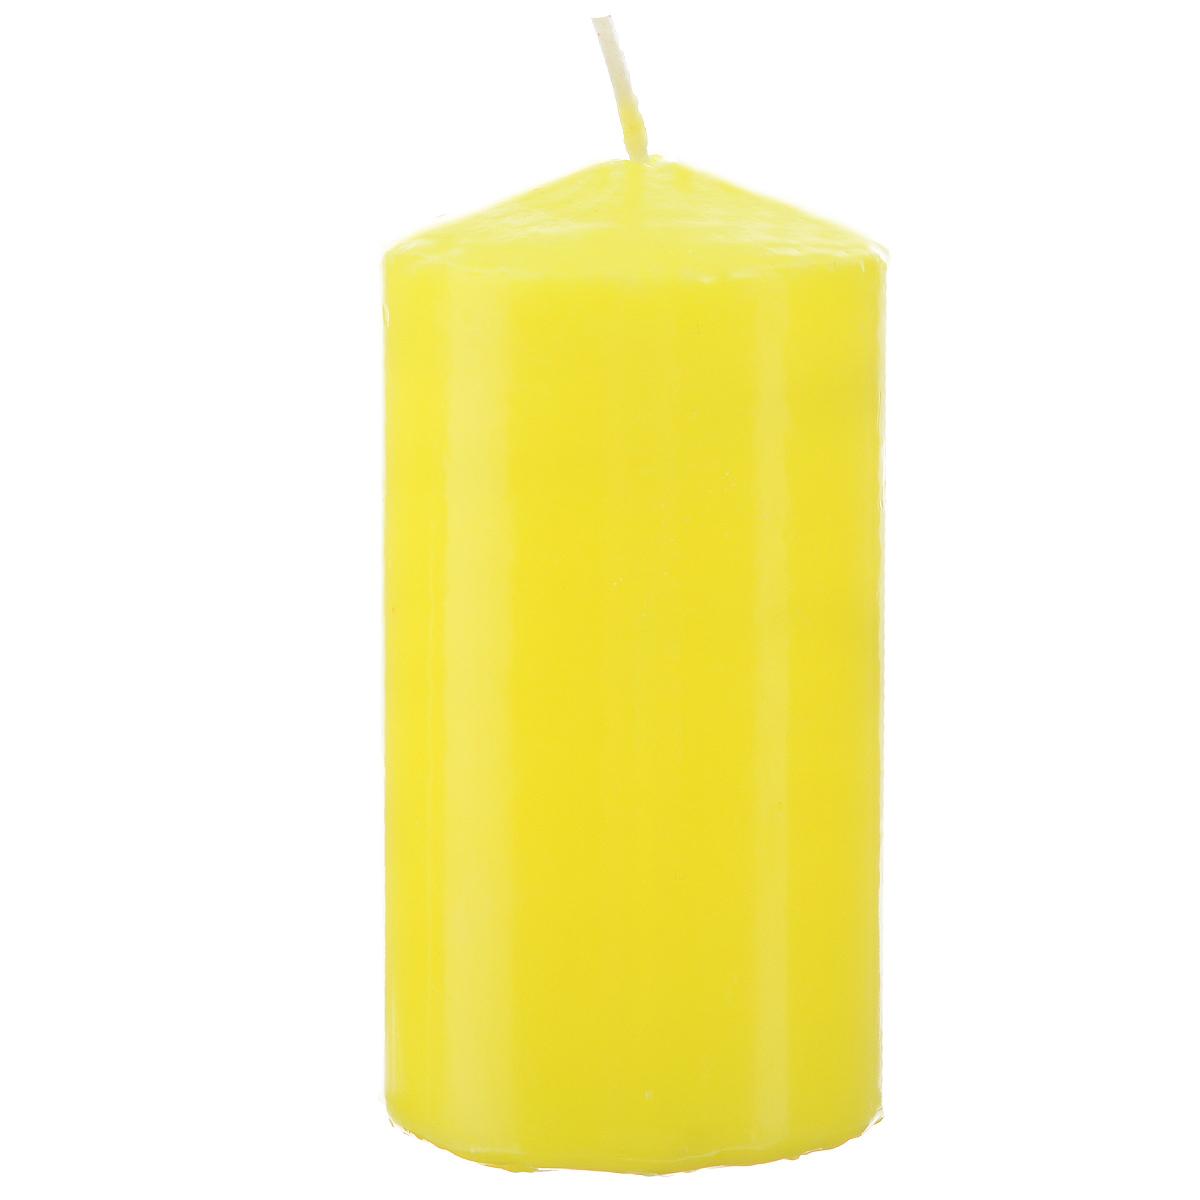 Свеча Sima-land Аромат огня, цвет: желтый, высота 10 см. 175485175485Свеча Sima-land Аромат огня выполнена из парафина в классическом стиле. Изделие порадует вас ярким дизайном. Такую свечу можно поставить в любое место и она станет ярким украшением интерьера. Свеча Sima-land создаст незабываемую атмосферу, будь то торжество, романтический вечер или будничный день.